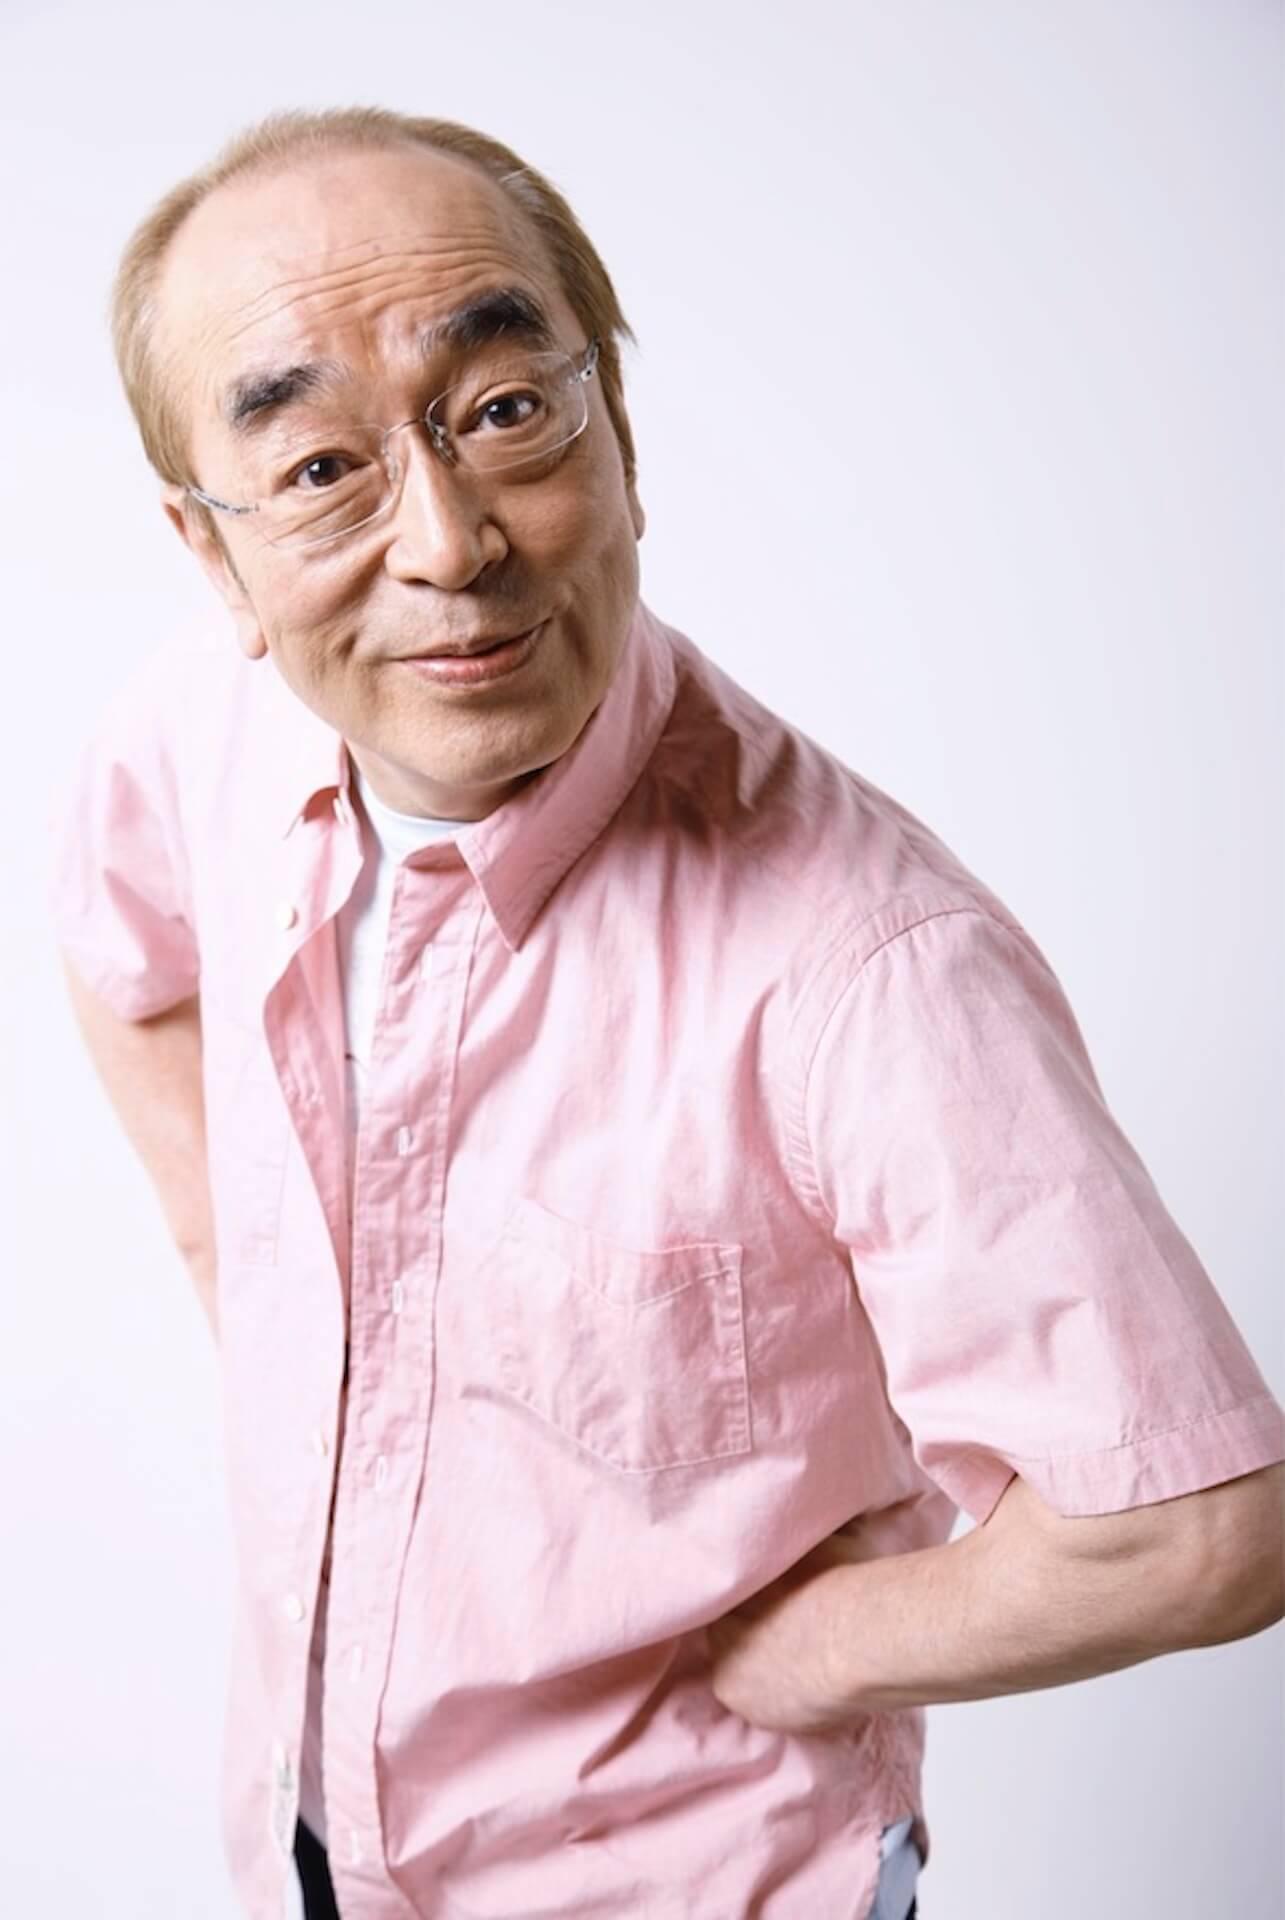 志村けんが洋楽雑誌『jam』に寄稿したソウル、ブラック・ミュージックのレコード評がMUSIC LIFE CLUBに復刻掲載! music200427_shimuraken_record_01